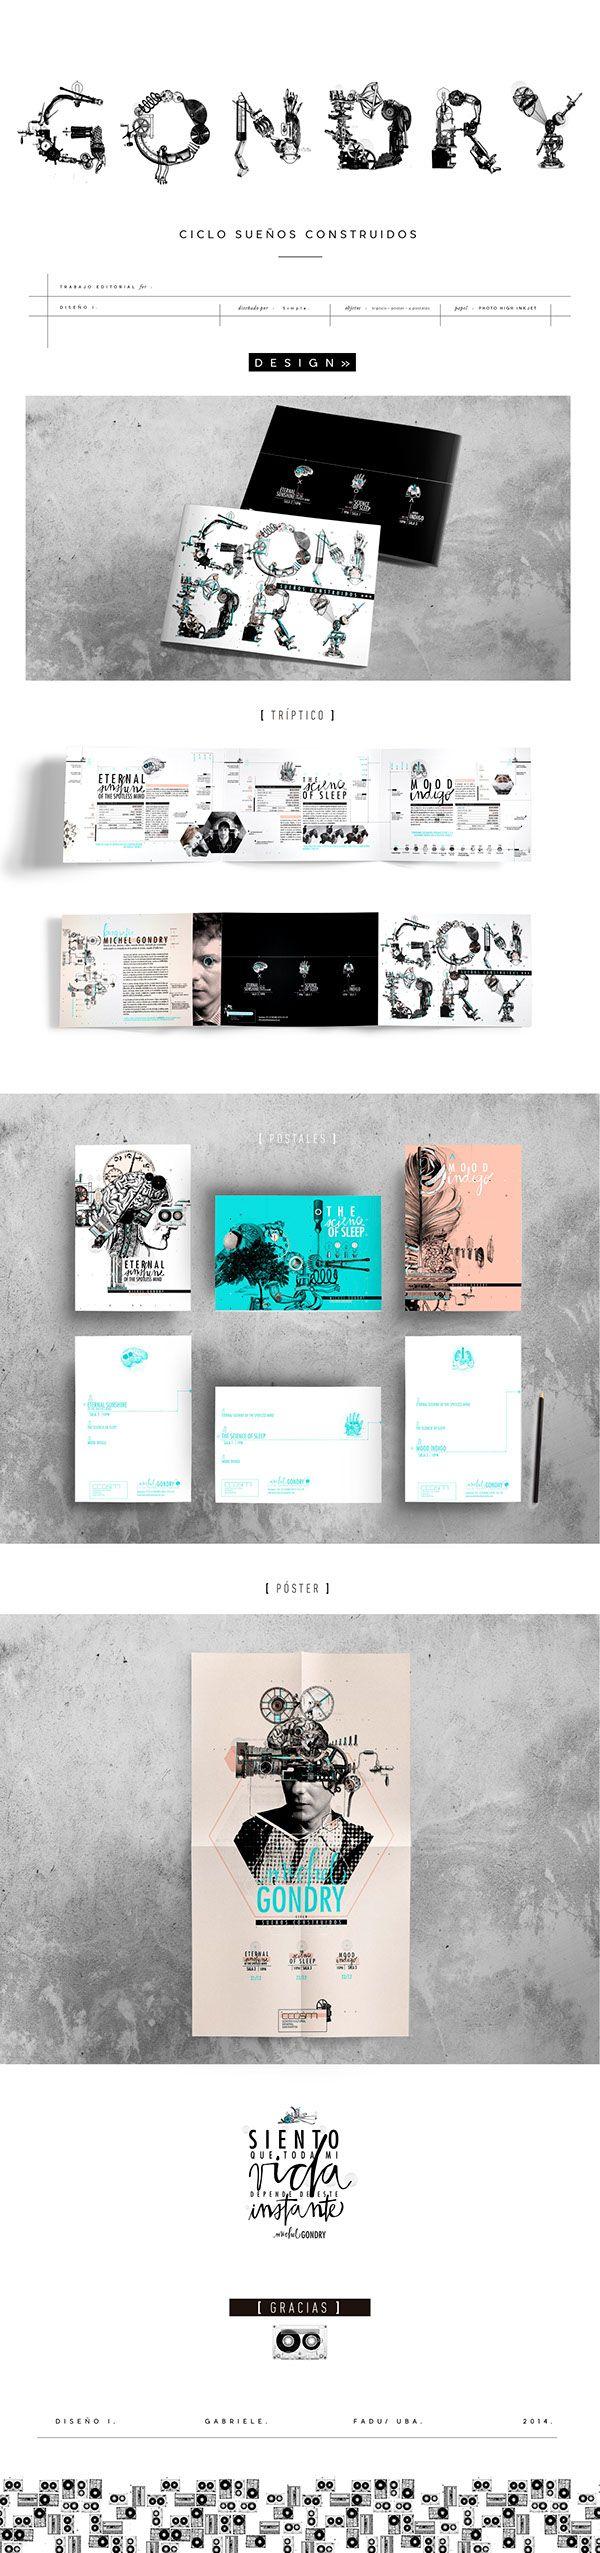 Proyecto Universitario. // Ciclo de Cine. Póster + Tríptico + 3 Postales.Pieza realizada para la cátedra para la cátedra Gabriele de la materia Diseño Gráfico I/. DG/. FADU/. UBA/.